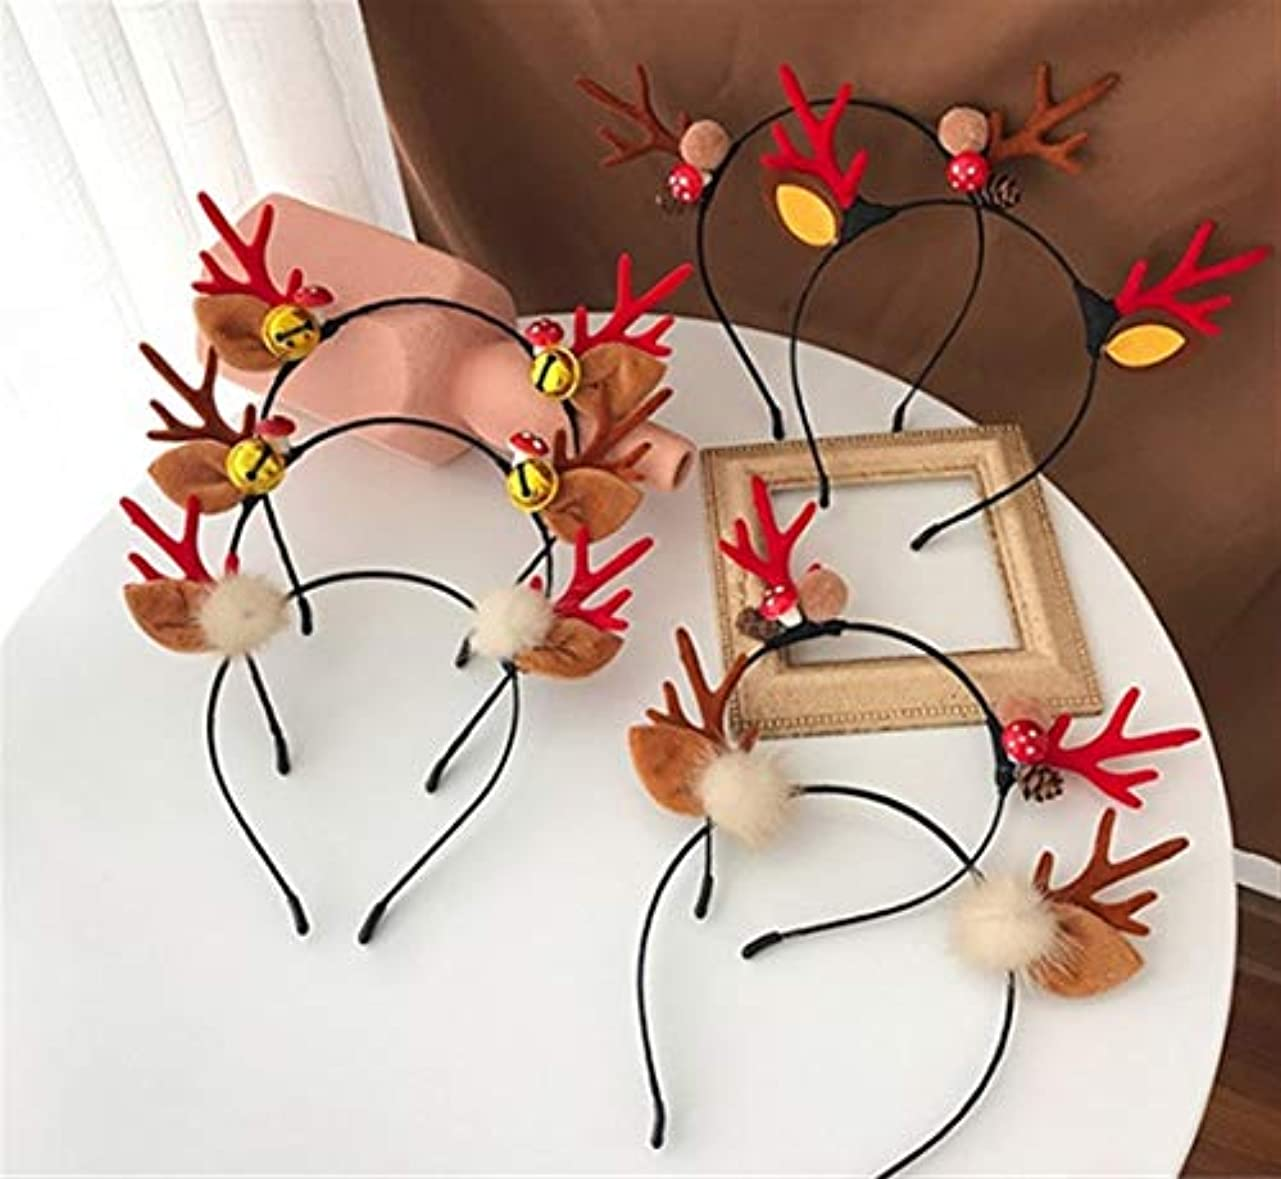 中庭嘆願畝間クリスマスヘッドバンド小さな枝角揺れヘッドバンドティアラ女性のヘアピン (Color : Red, Style : C)